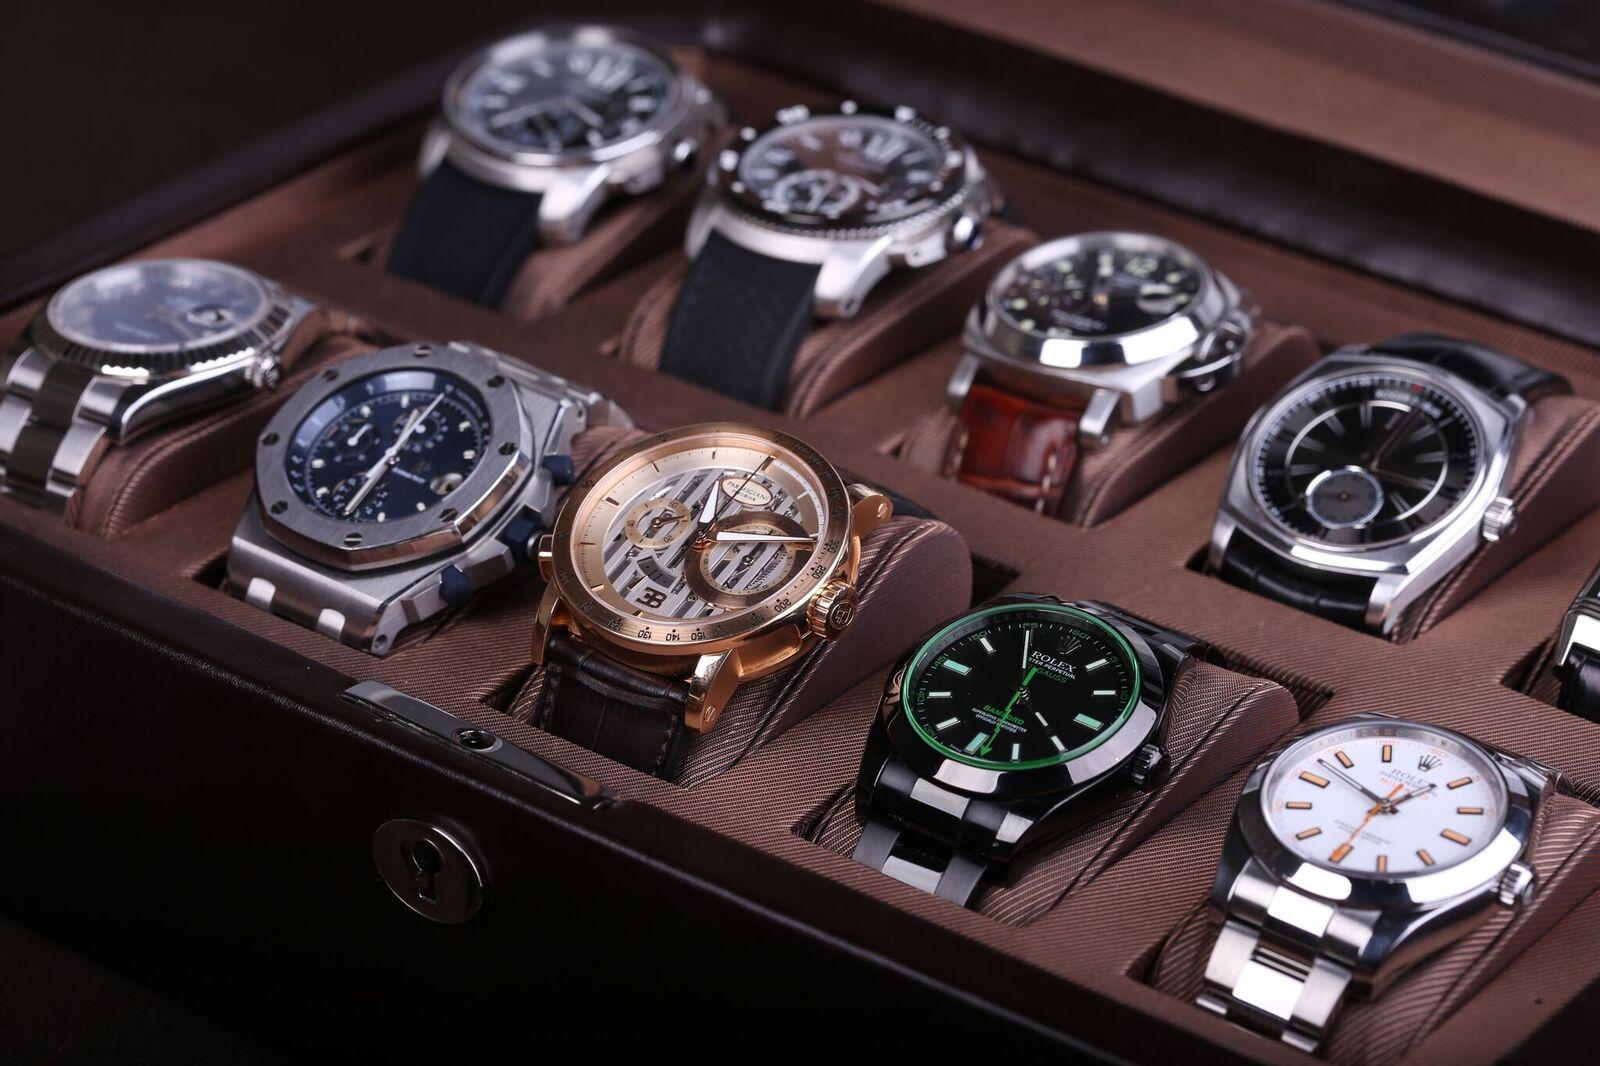 Оригинальных интернет швейцарских часов ломбард-магазин сдать егэ часы как